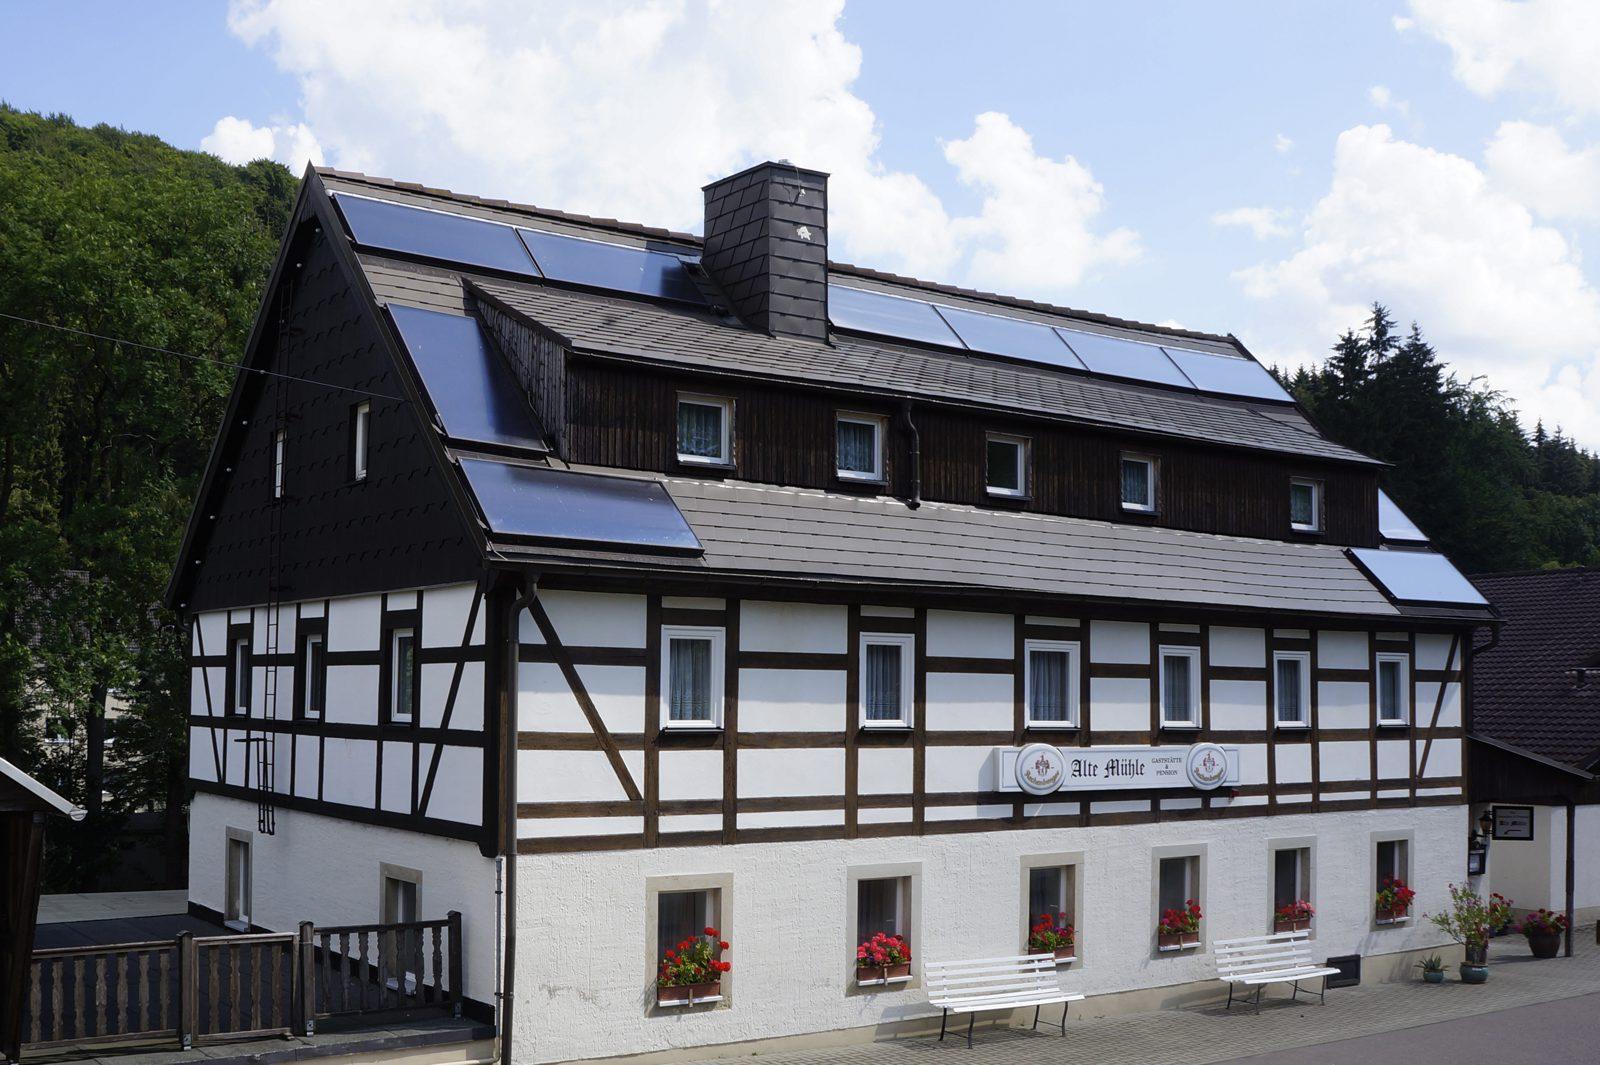 Gaststätte und Pension Alte Mühle